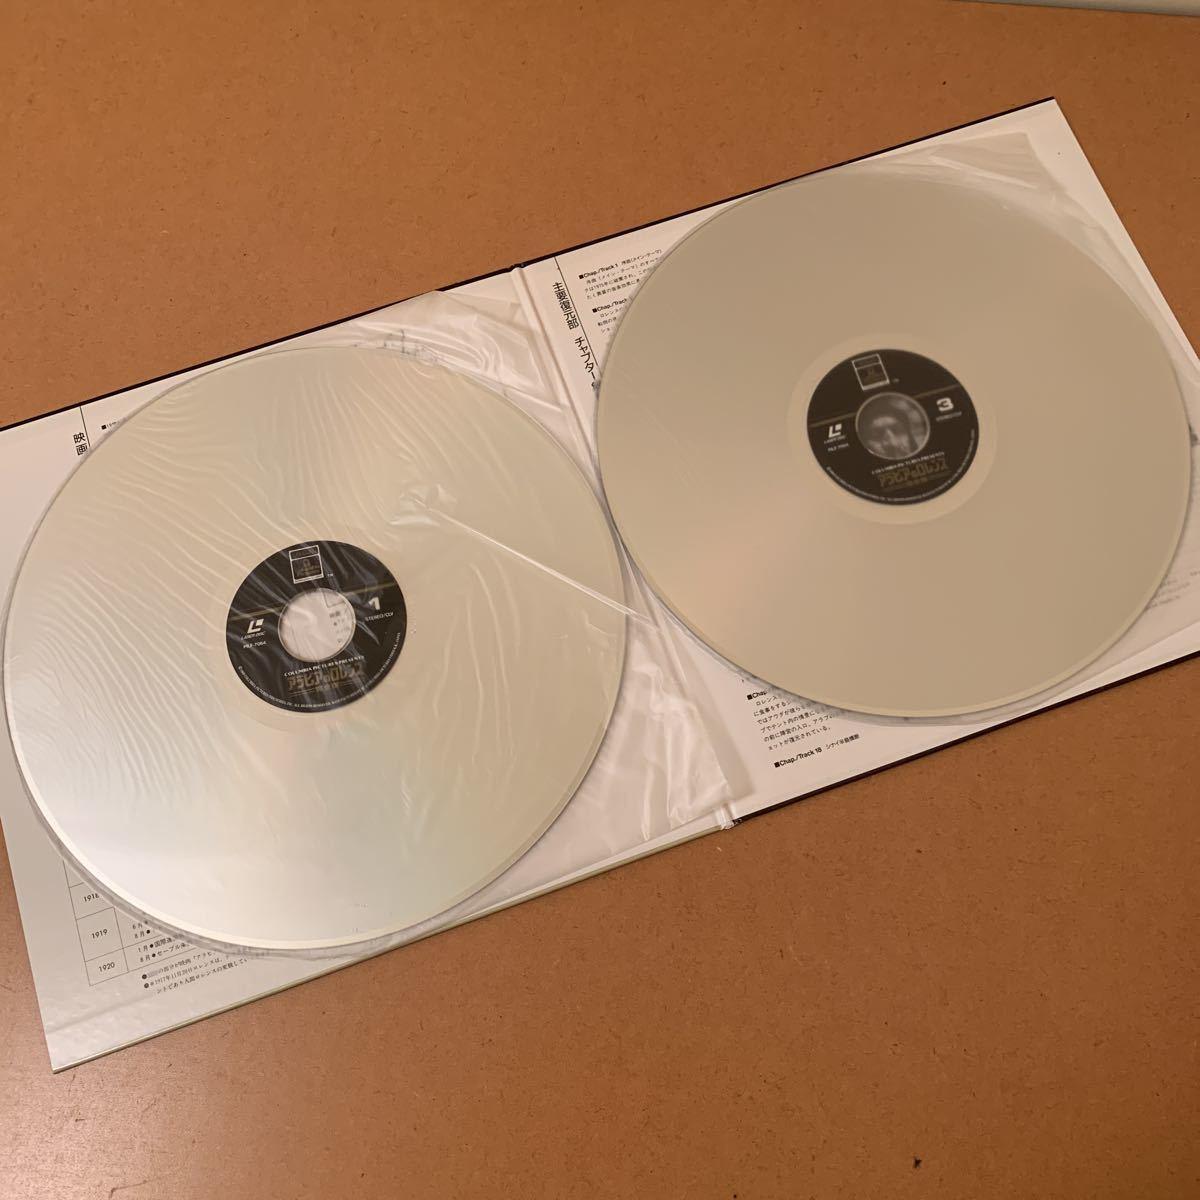 【映画 レーザーディスク】『アラビアのロレンス』完全版 LDソフト 2枚組 帯付き_画像4